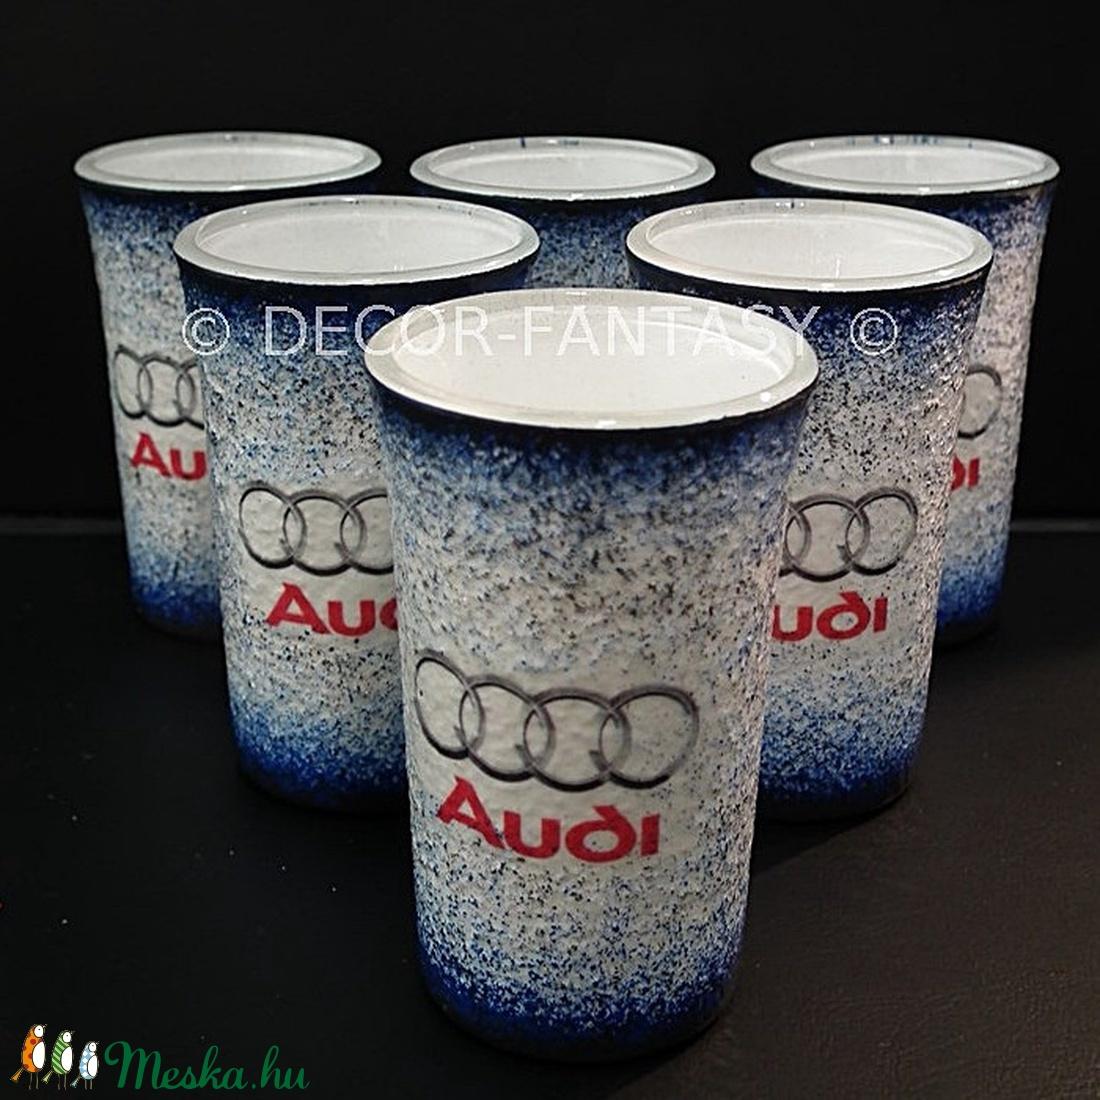 AUDI  emblémával díszített pohár szett ( 6x45ml )  (decorfantasy) - Meska.hu